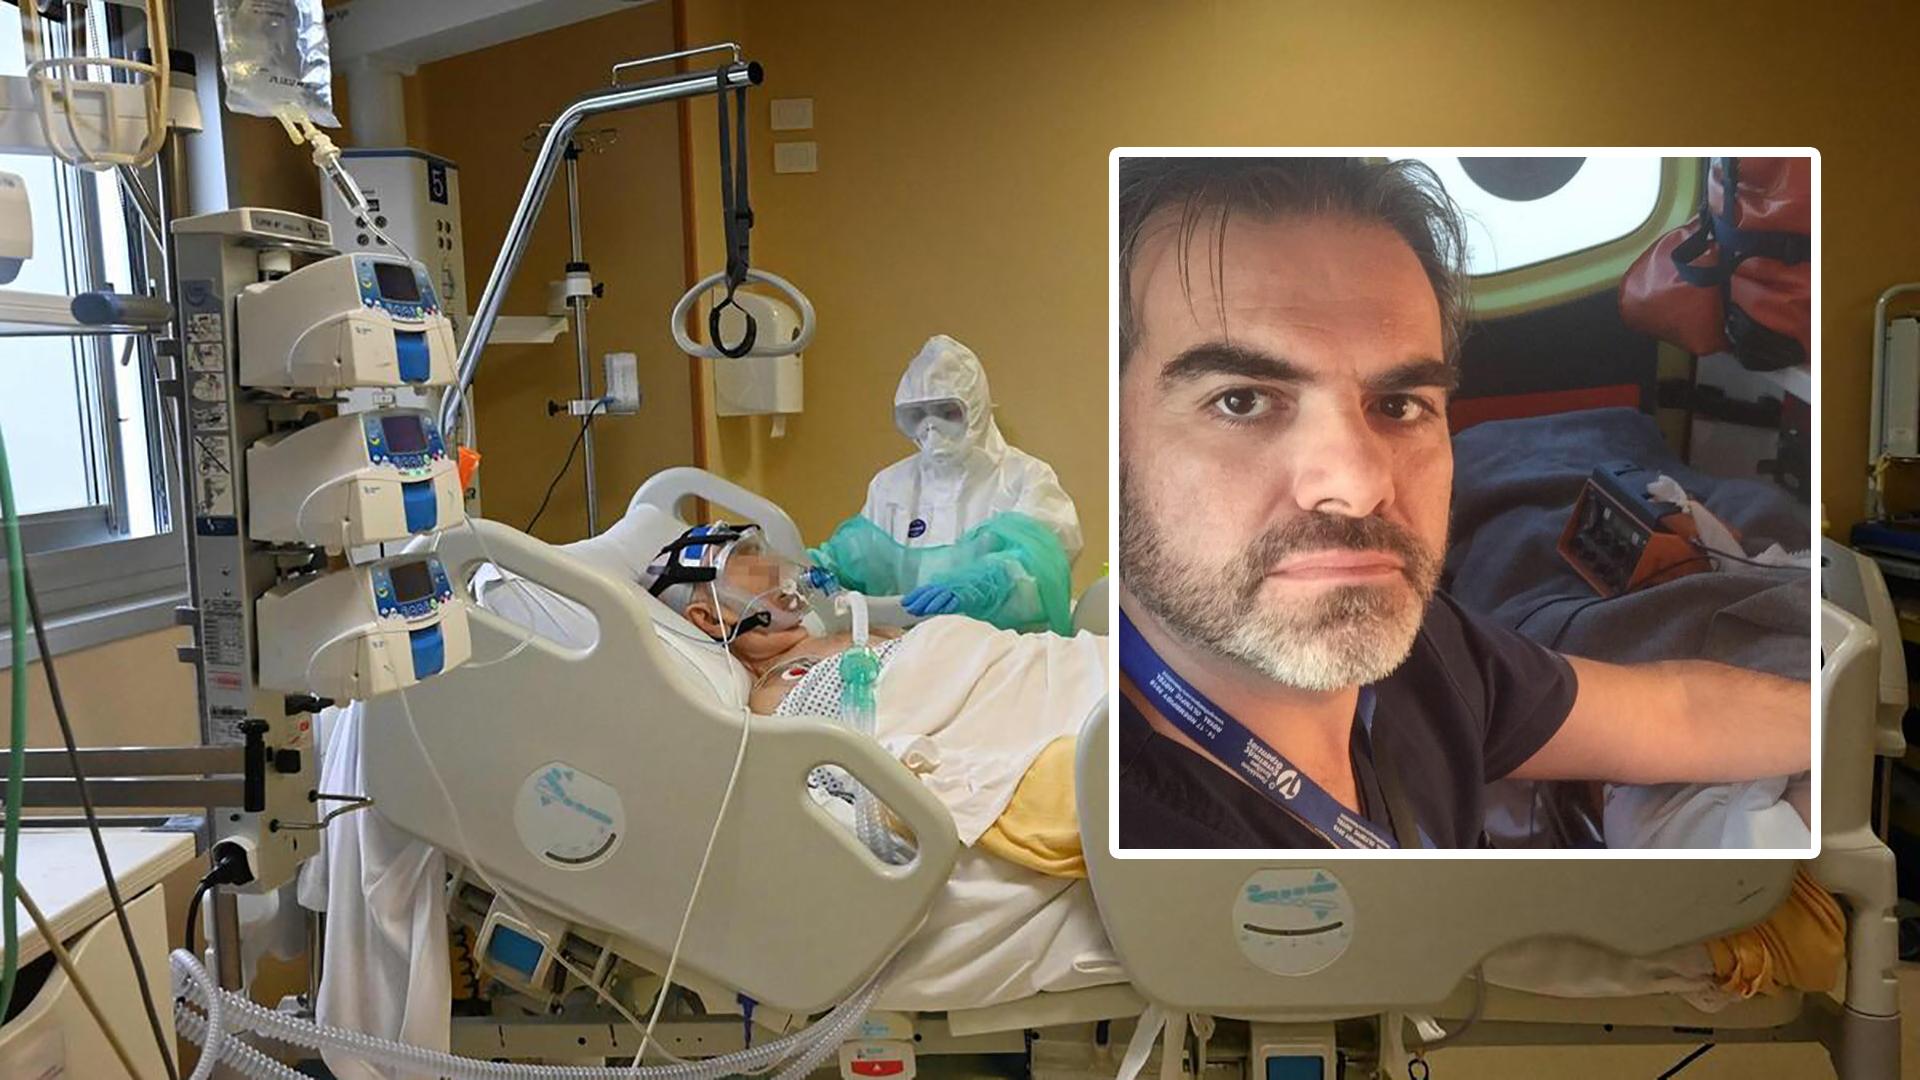 Είμαστε δίπλα σε ασθενείς που βρίσκονται πιο κοντά στο θάνατο από ότι στη ζωή